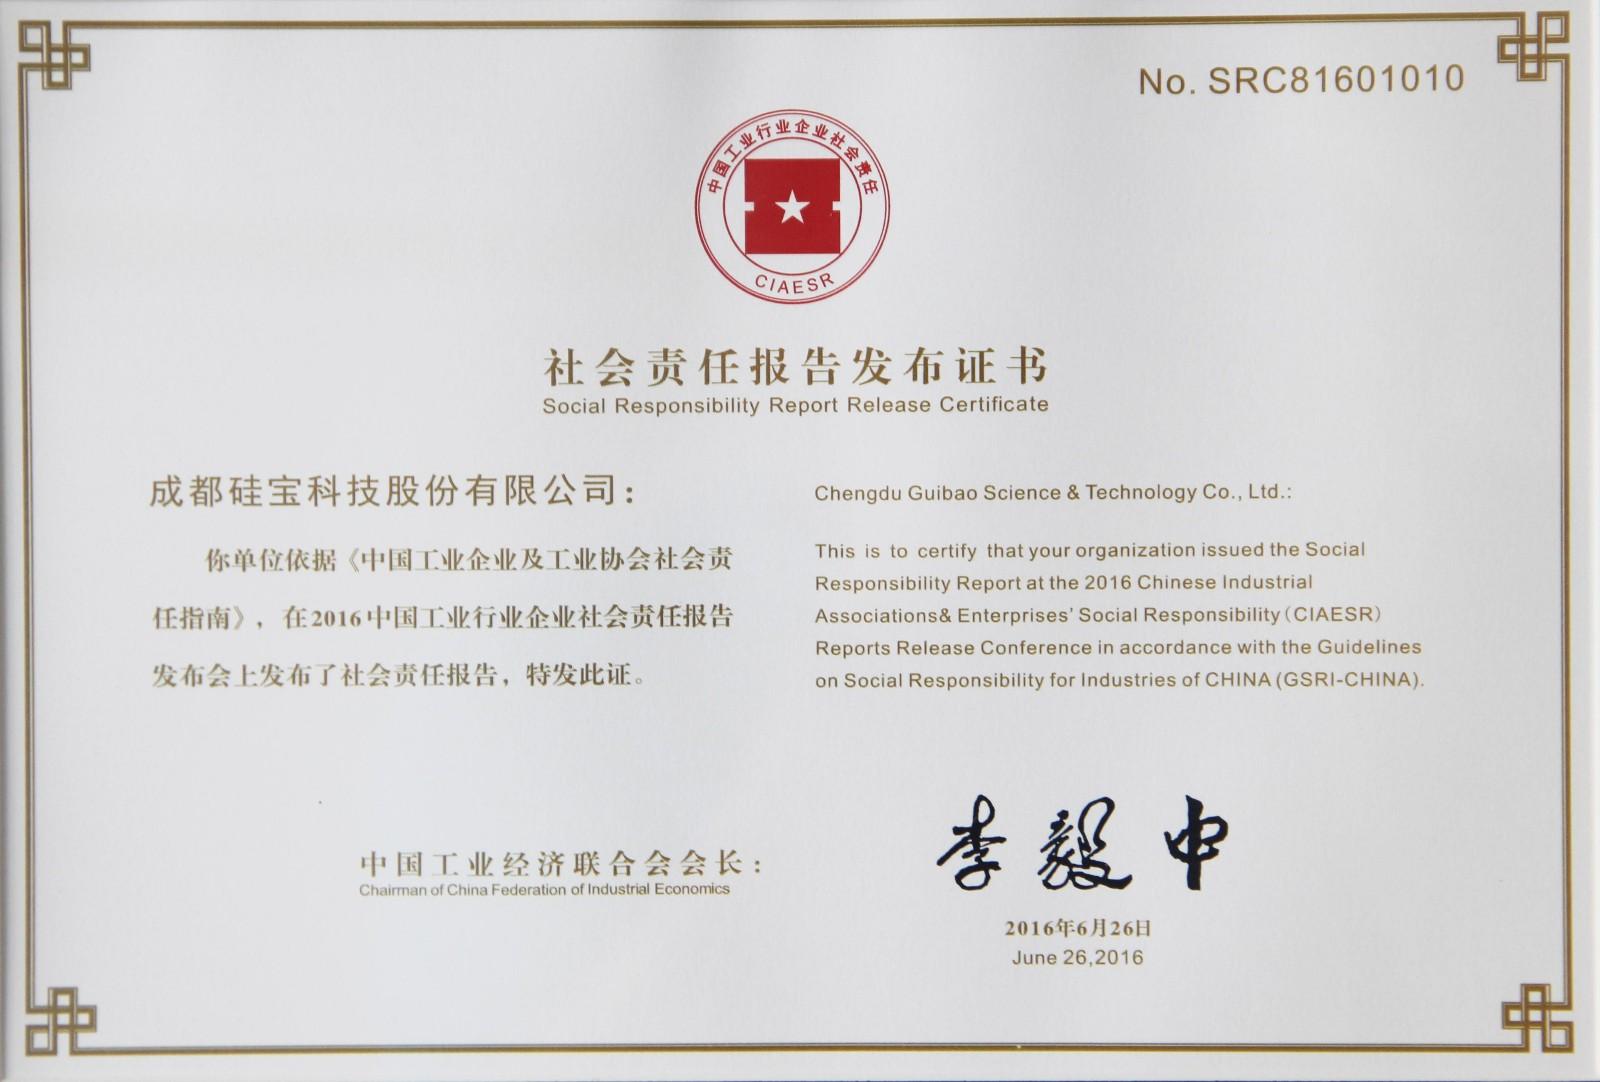 2016年中工业行业企业社会责任报告发布会-社会责任报告发布证书-IMG_0328.JPG